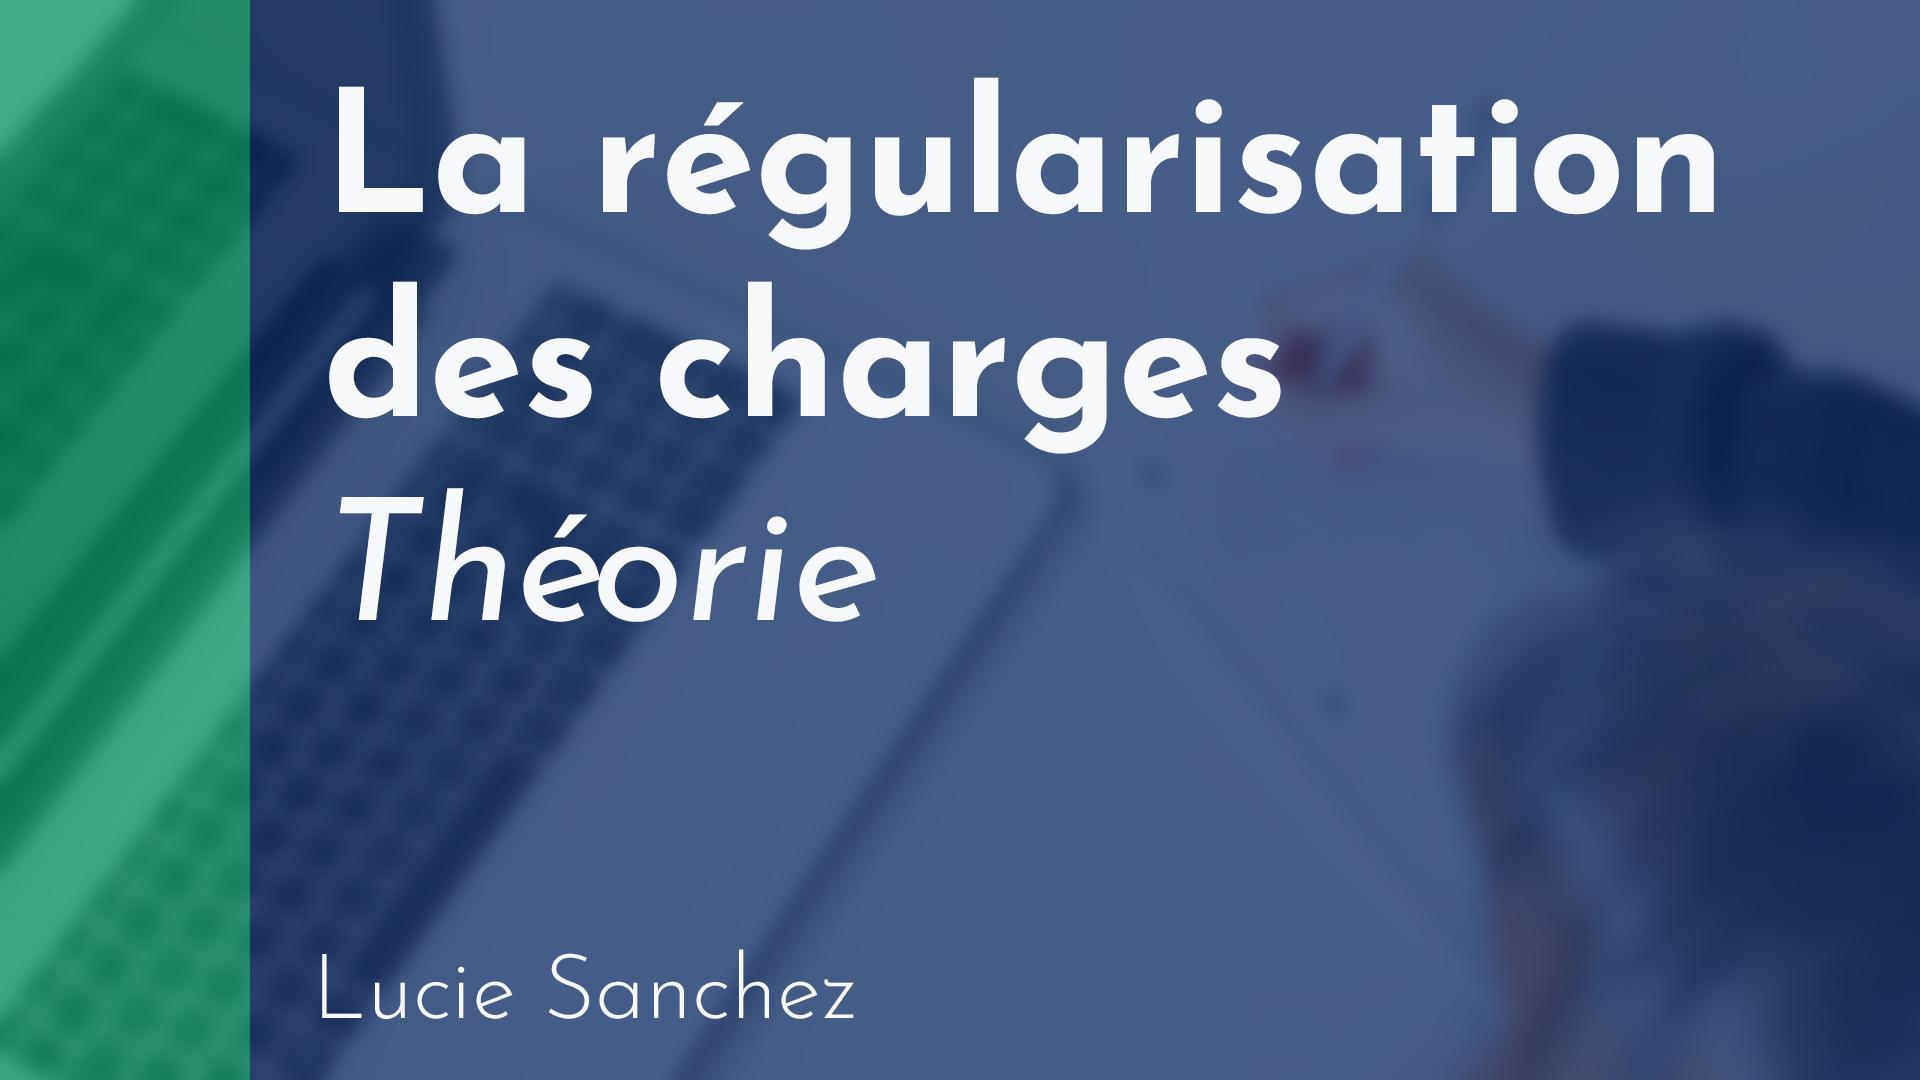 Gérance - Régularisation des charges - Théorie - Lucie Sanchez